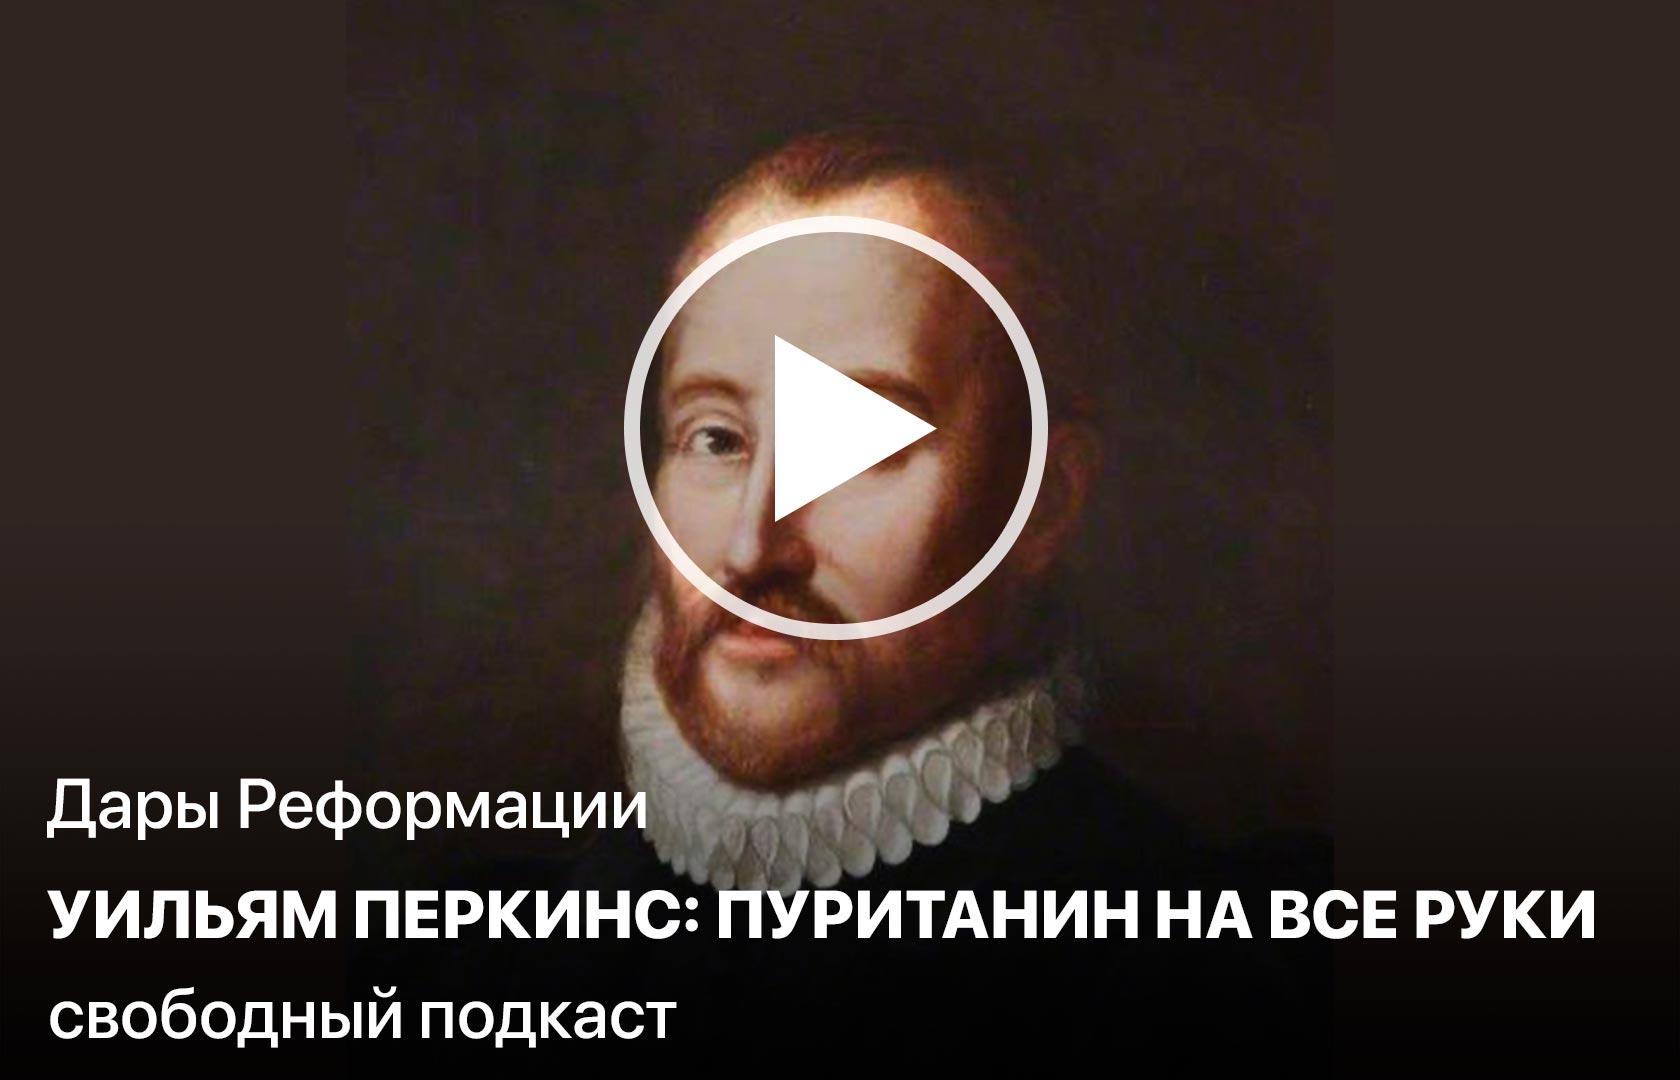 Дары Реформации. Уильям Перкинс: пуританин на все руки